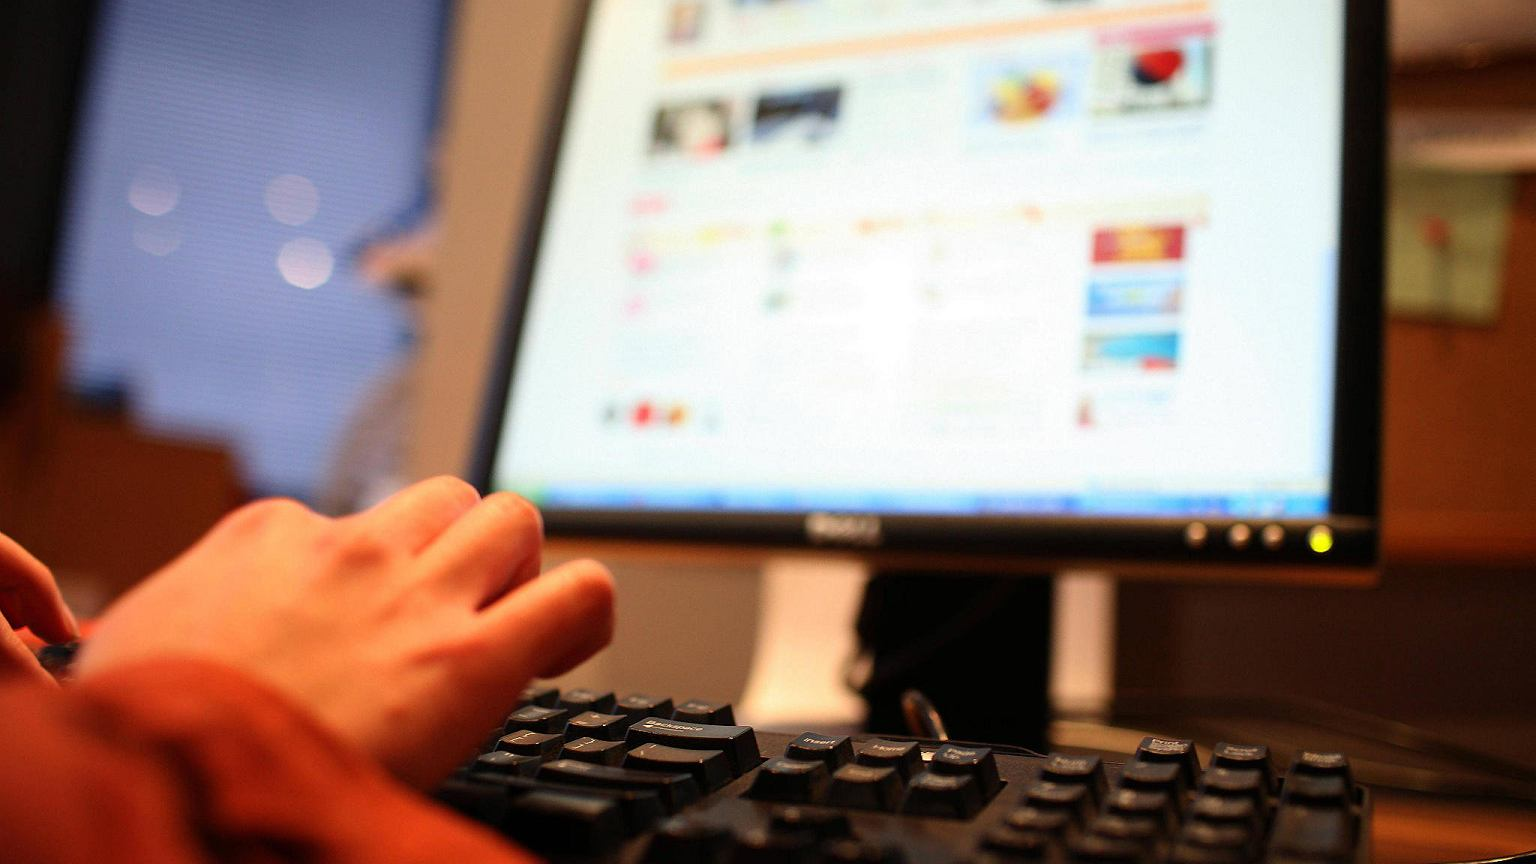 Jak założyć profil zaufany? Pozwala załatwić urzędowe sprawy z domu   Technologie na Next Gazeta